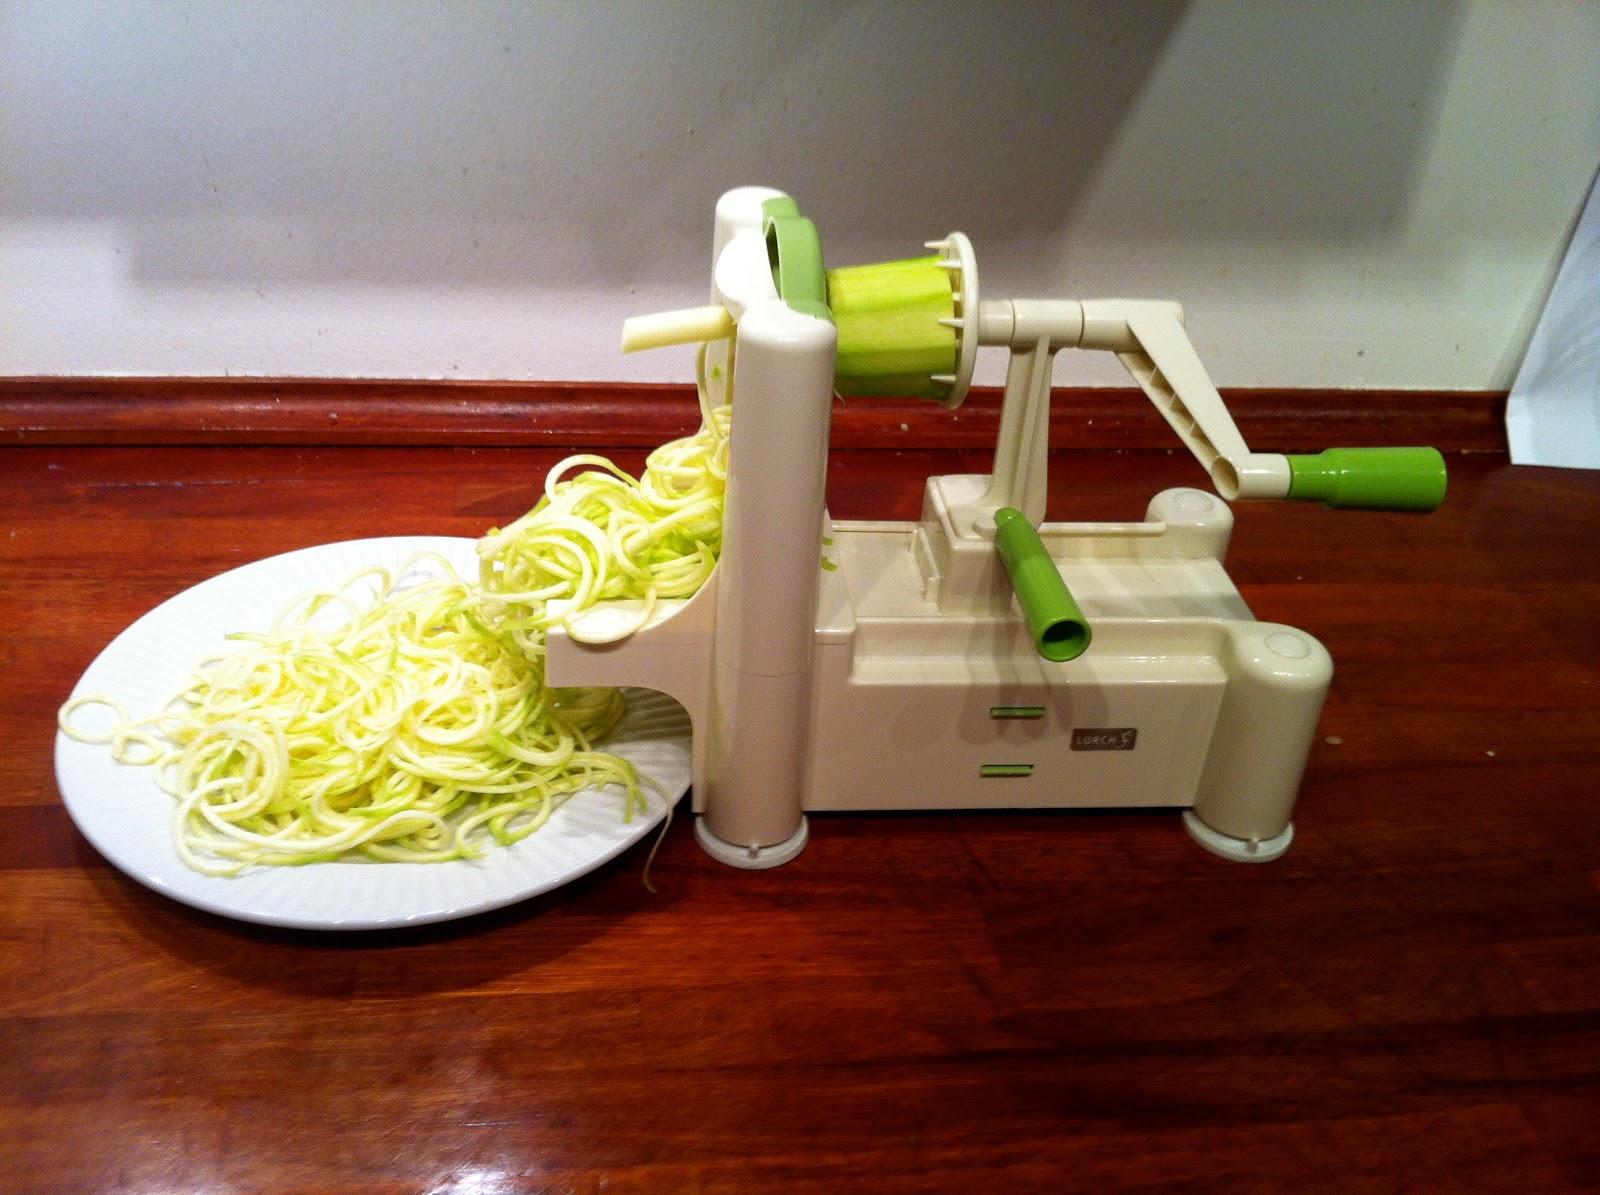 maskine til at lave squash pasta